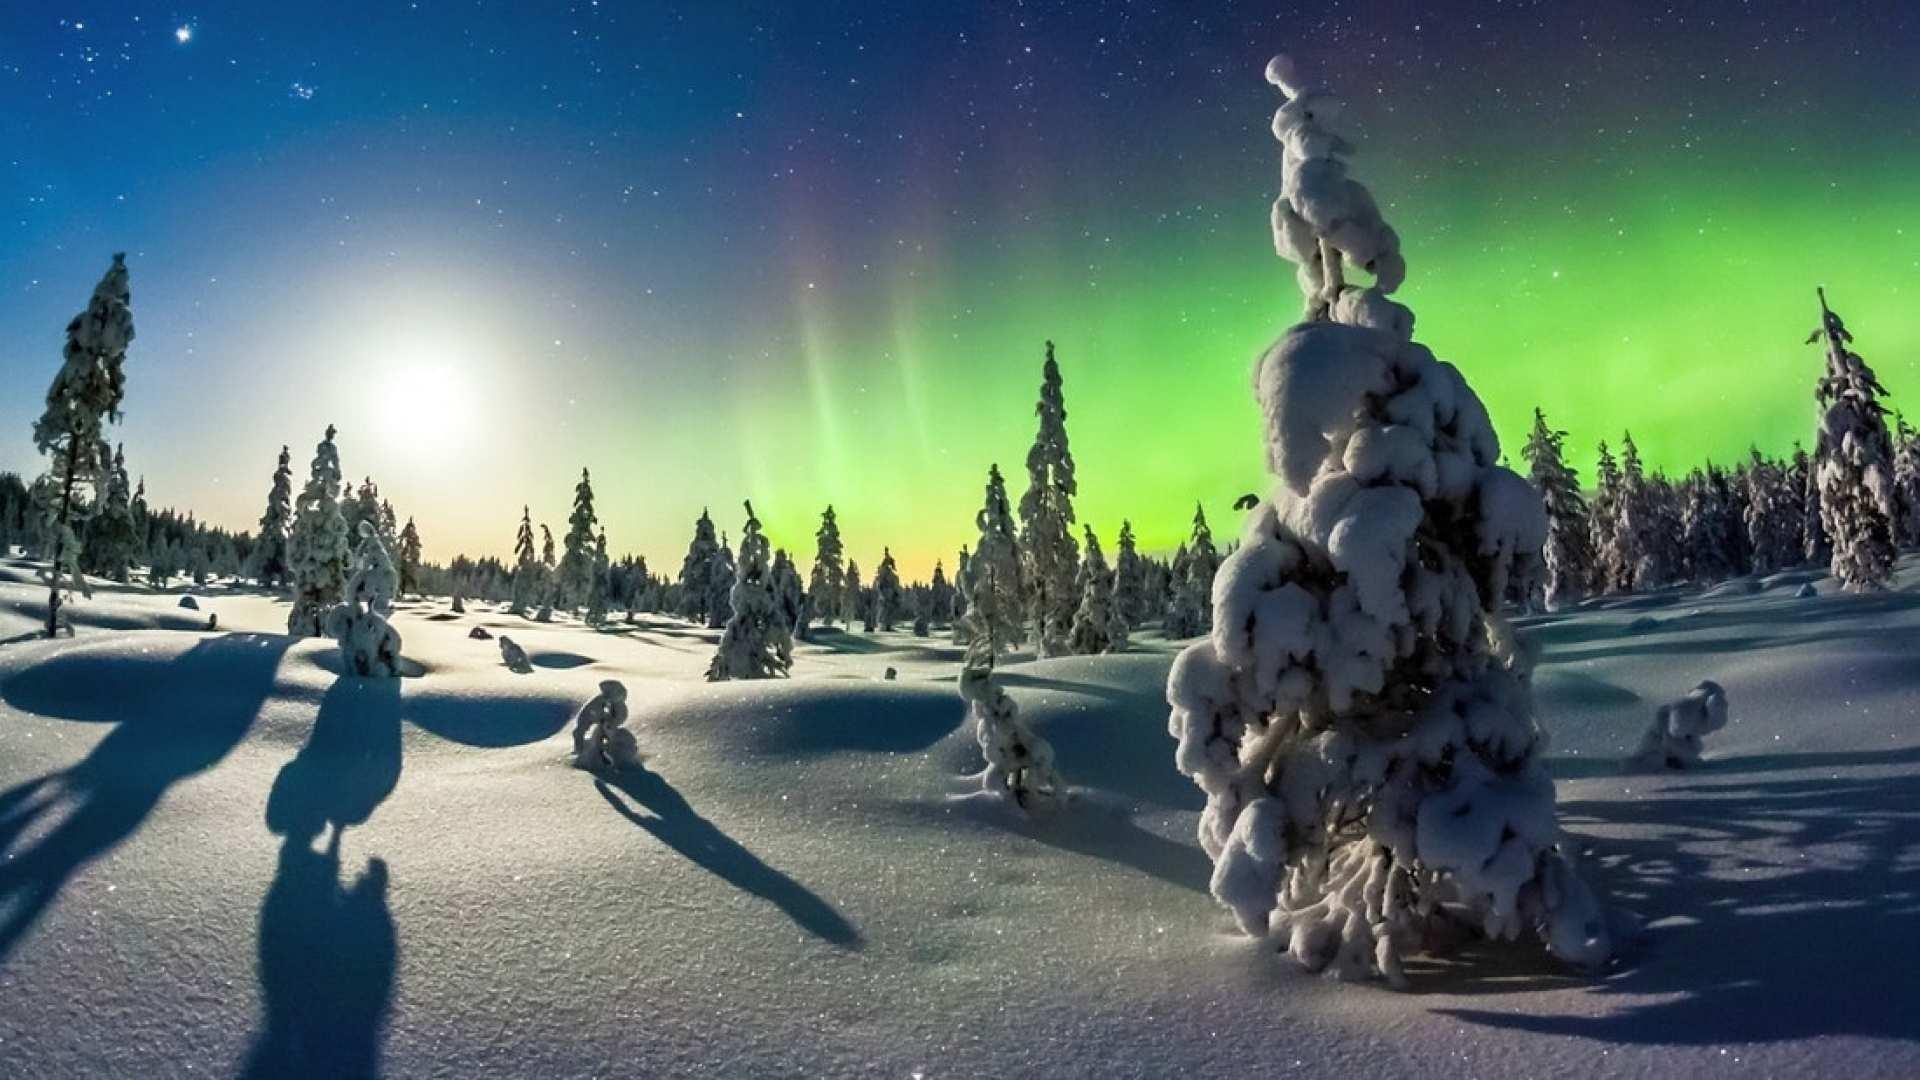 【芬蘭搭乘馴鹿雪橇賞極光】北極拉普蘭馴鹿雪橇體驗+拜訪馴鹿牧場+薩米小吃半日遊